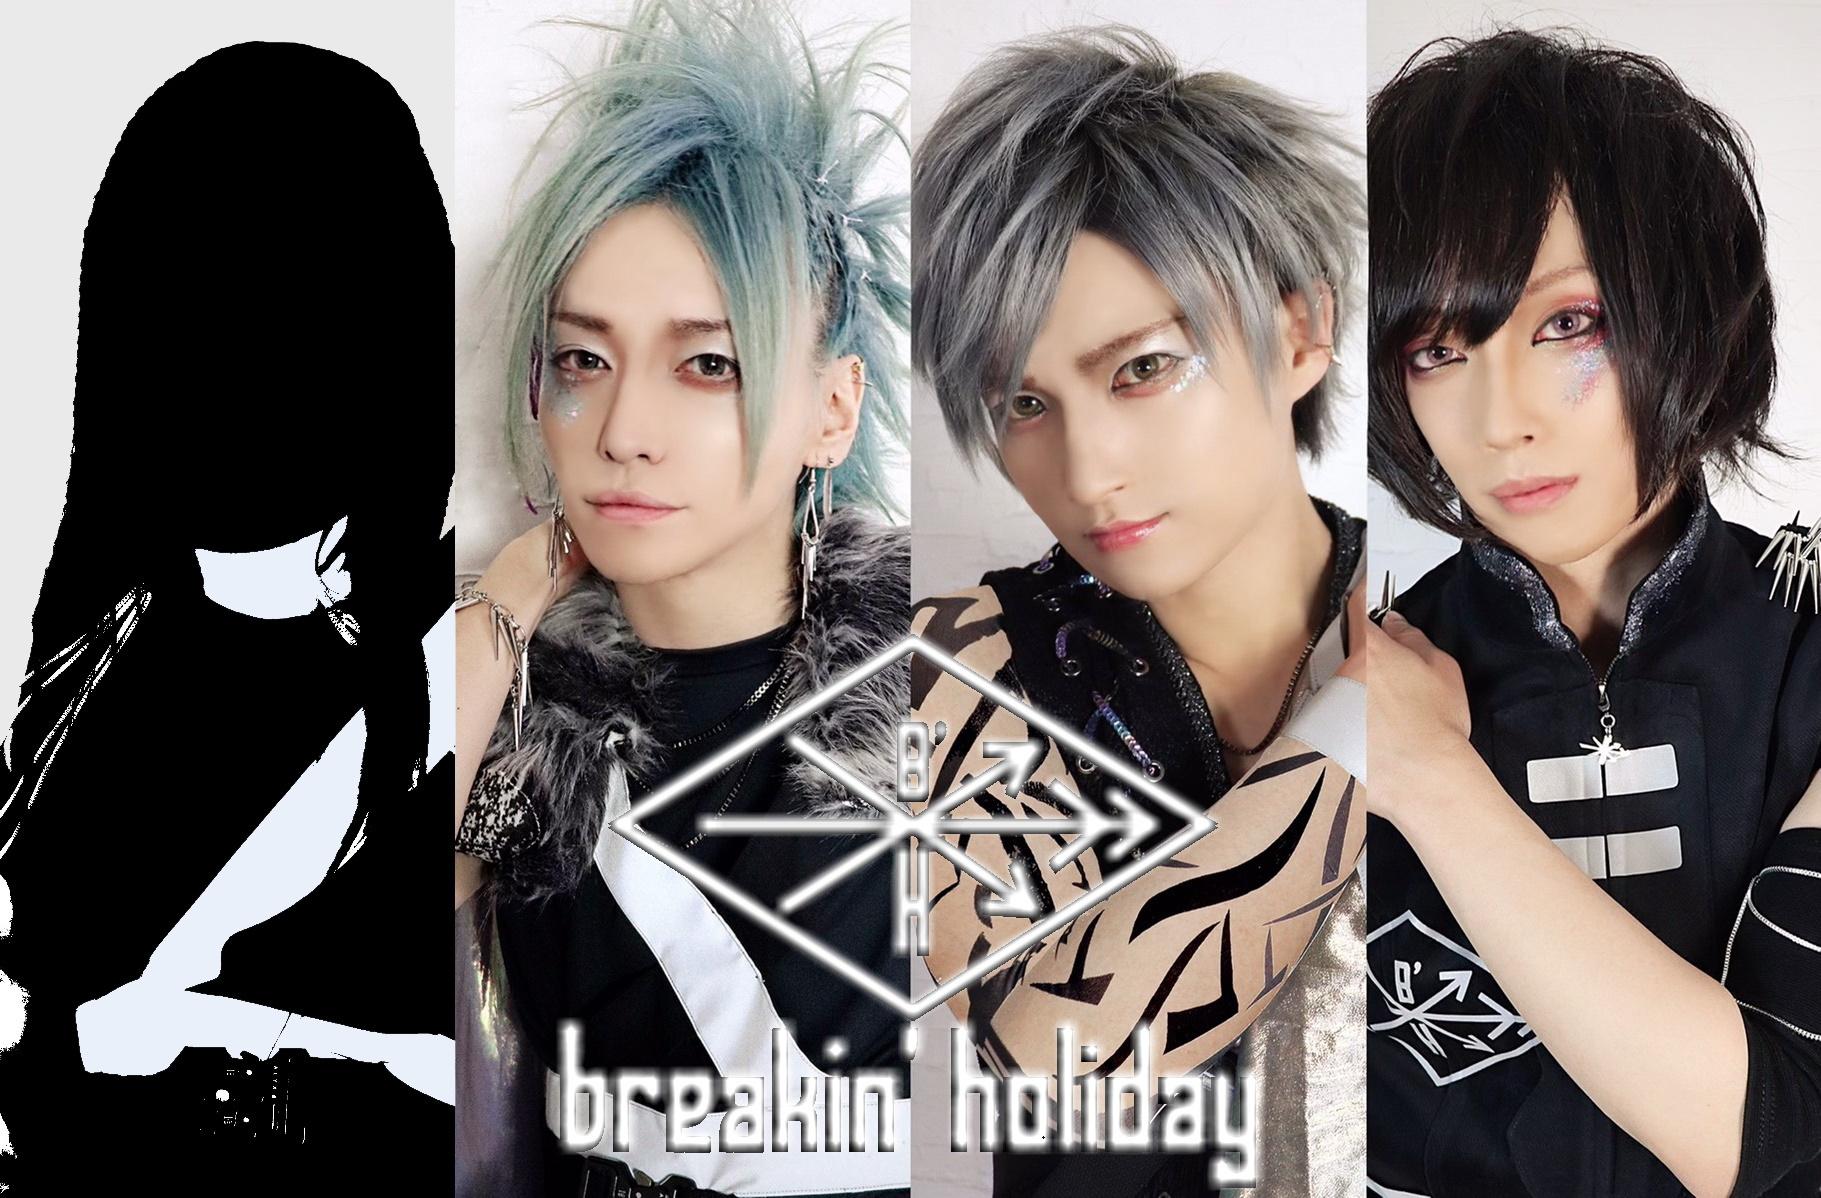 【インタビュー】breakin'holiday『お互いが楽しく表現していけるような未来に出来ればと想像してる』バンドとしての新しいスタート